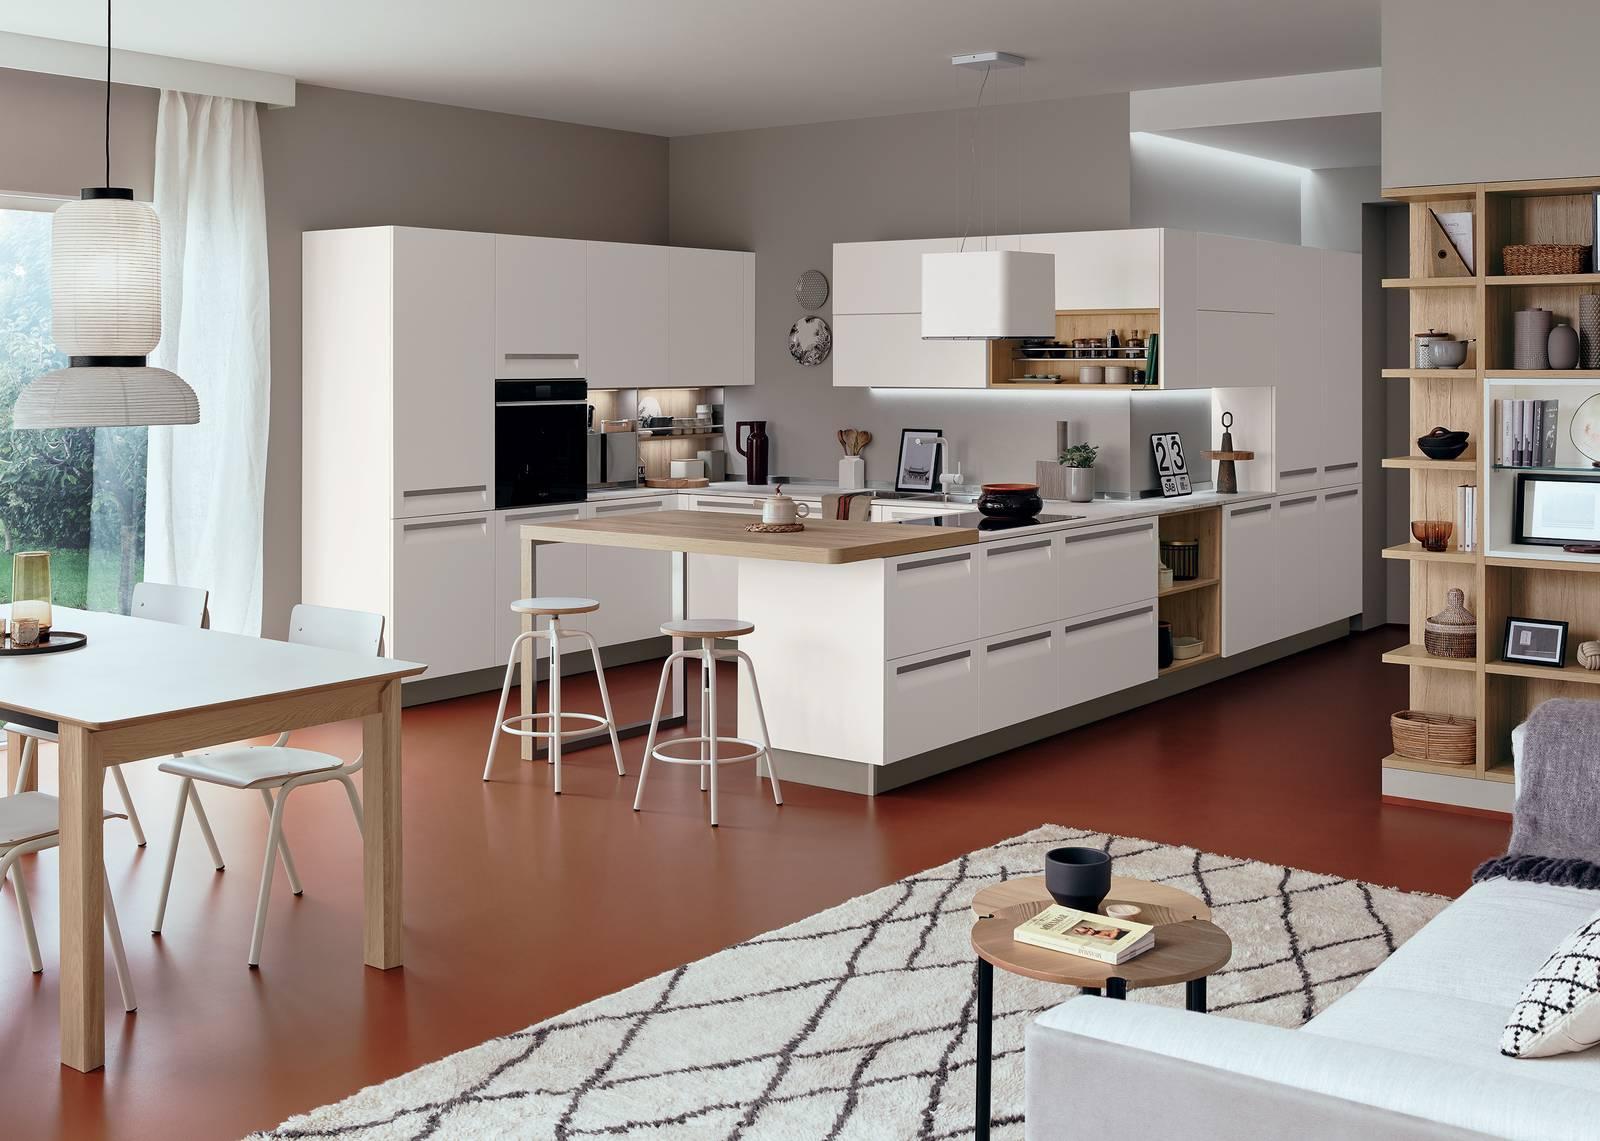 Come si progetta un open space? Progettare La Cucina Angoli Ben Risolti Nell Open Space Cose Di Casa